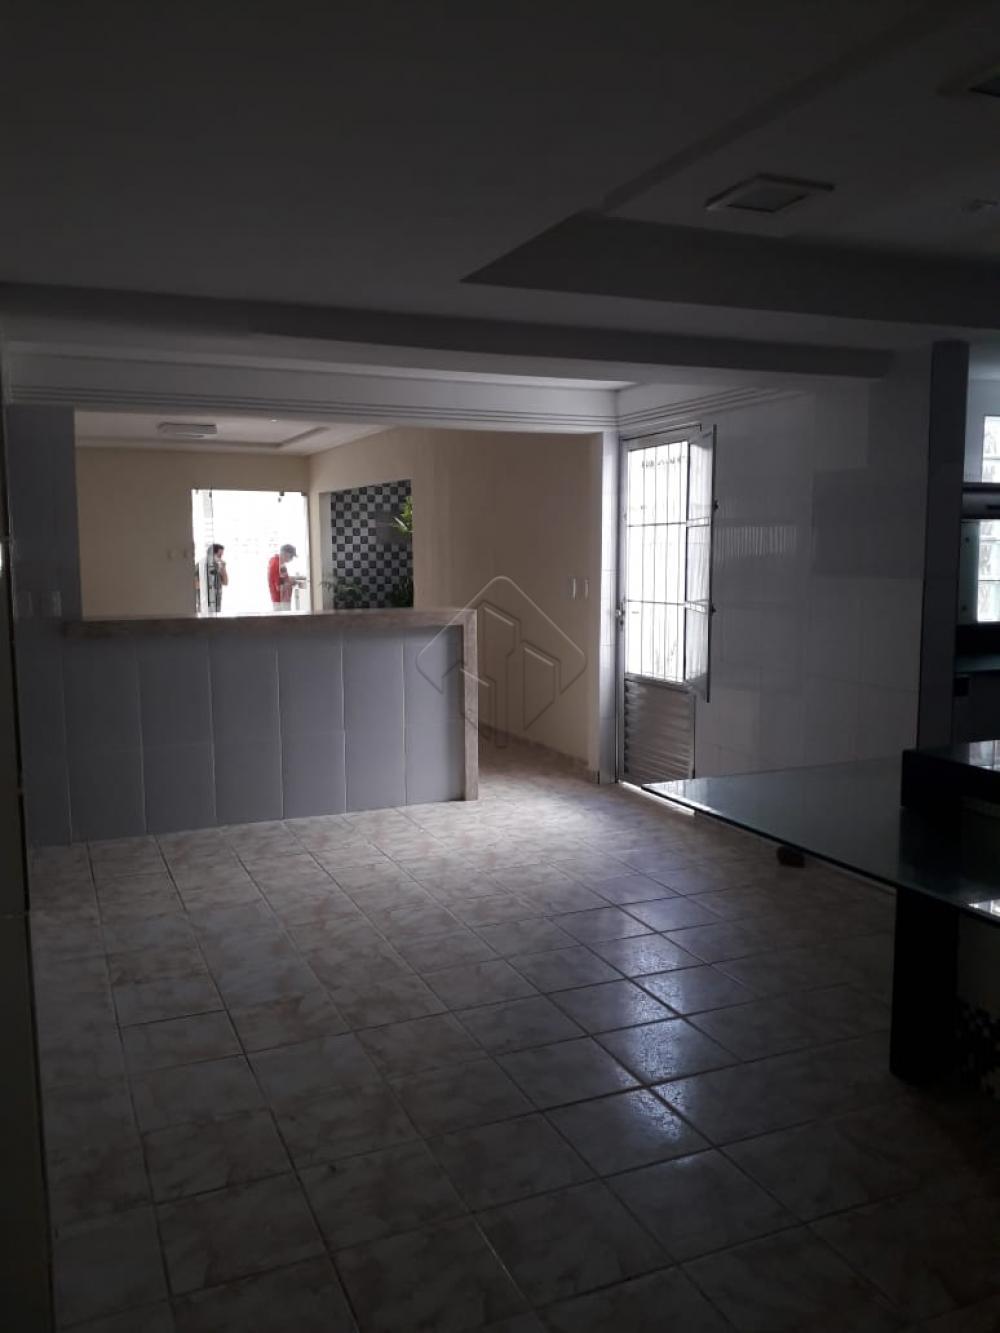 Casa ampla e espaçosa com localização privilegiada,contendo 3 quartos sendo 1 suite, sala para 2 ambientes, cozinha com moveis projetados, 2 área de serviço, e uma vaga de garagem coberta. posição nascente sul, não tem quintal tem 2 área de serviço, e não tem muro